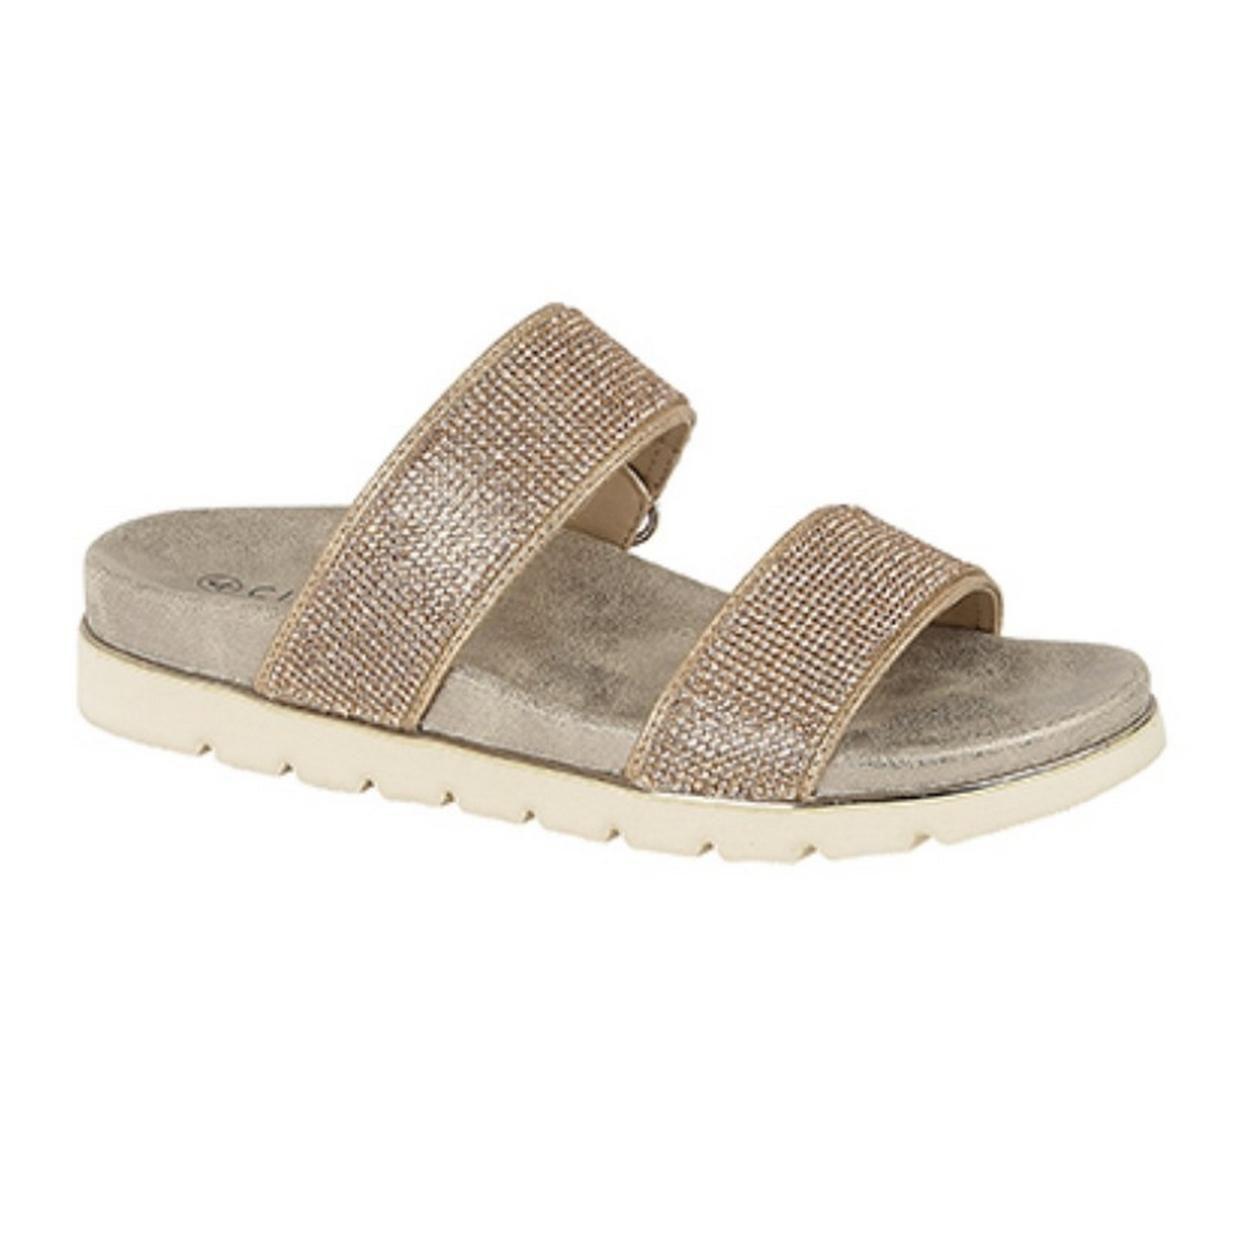 Cipriata Womens/Ladies Aletta Diamante Twin Strap Mule Sandals Size 8 US